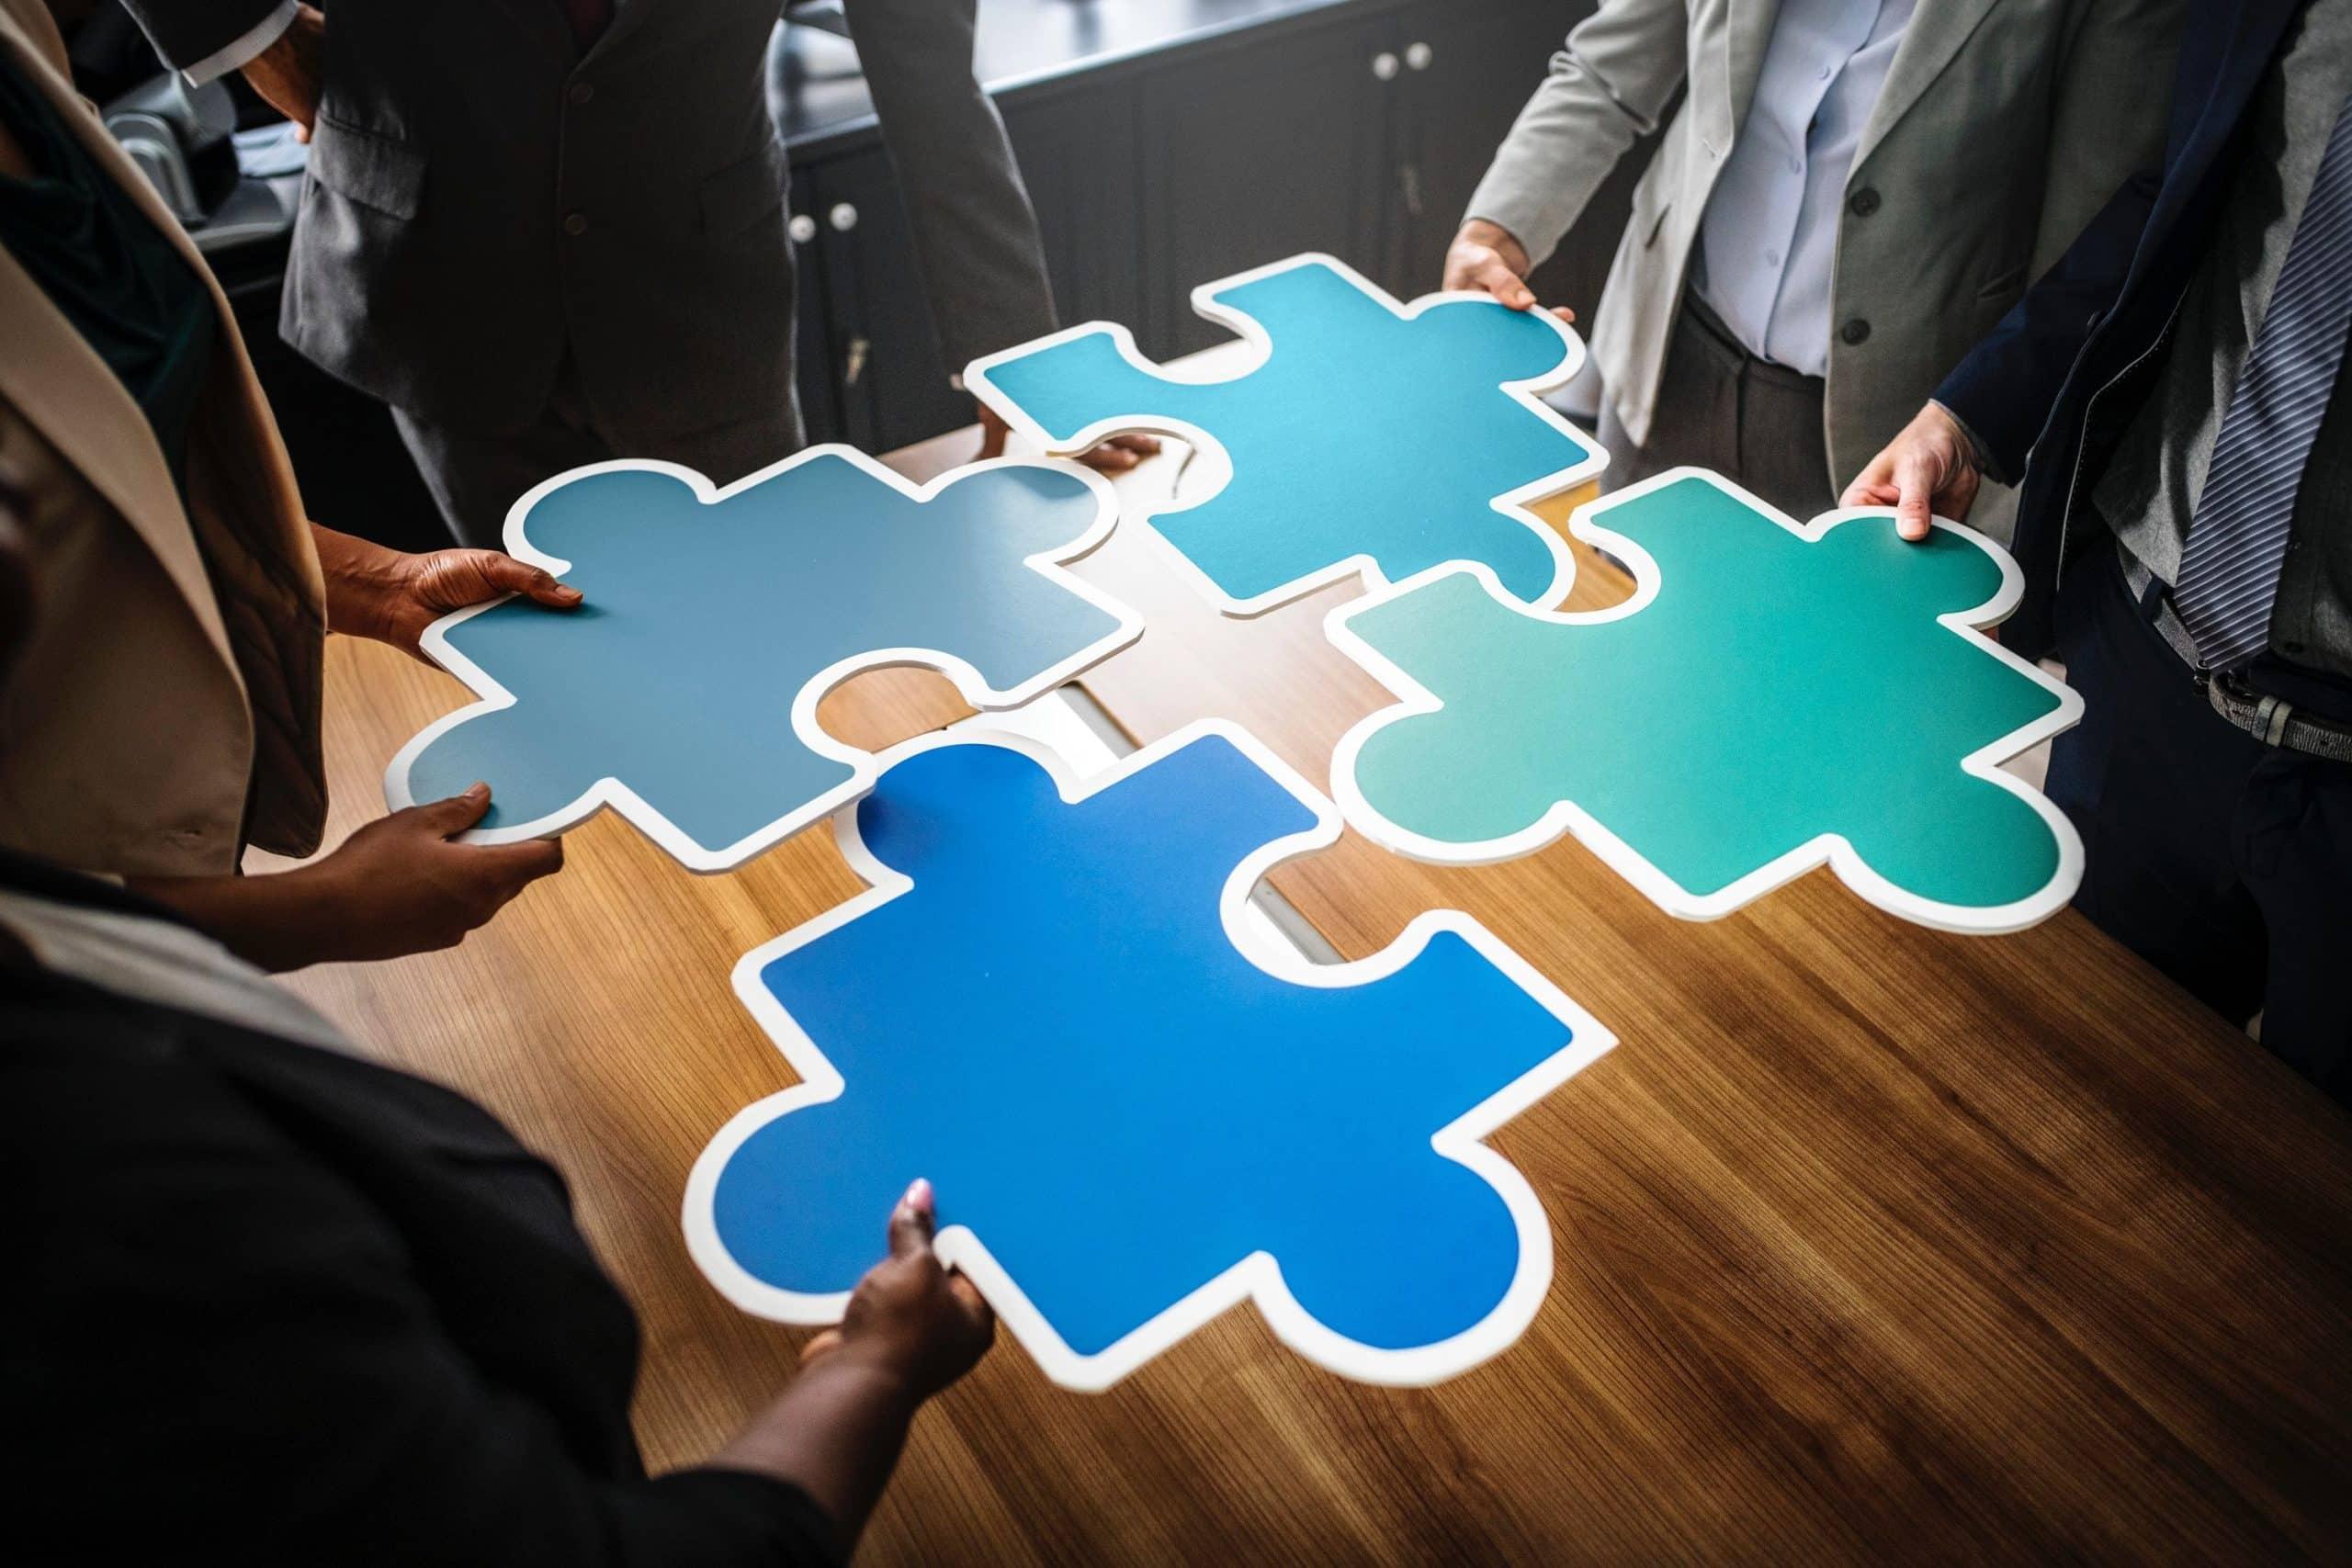 soluciones de negocio basadas en firma